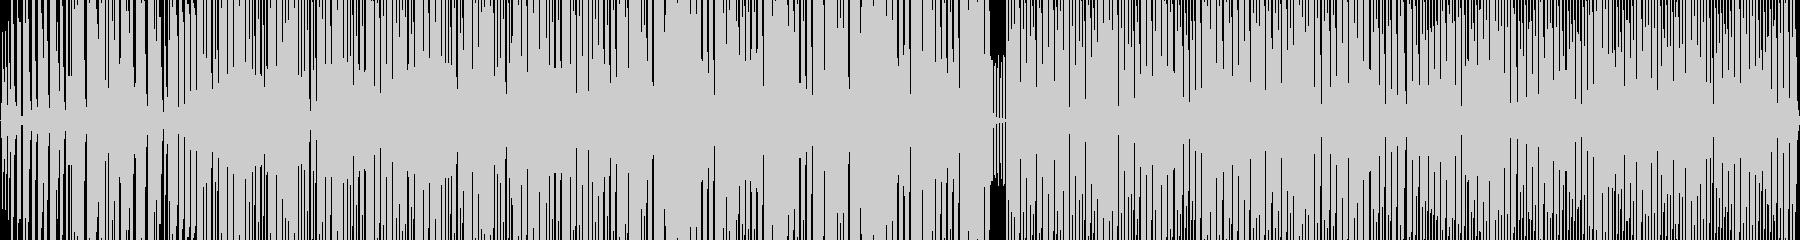 ラジオのBGMなどで使えるかわいい楽曲の未再生の波形